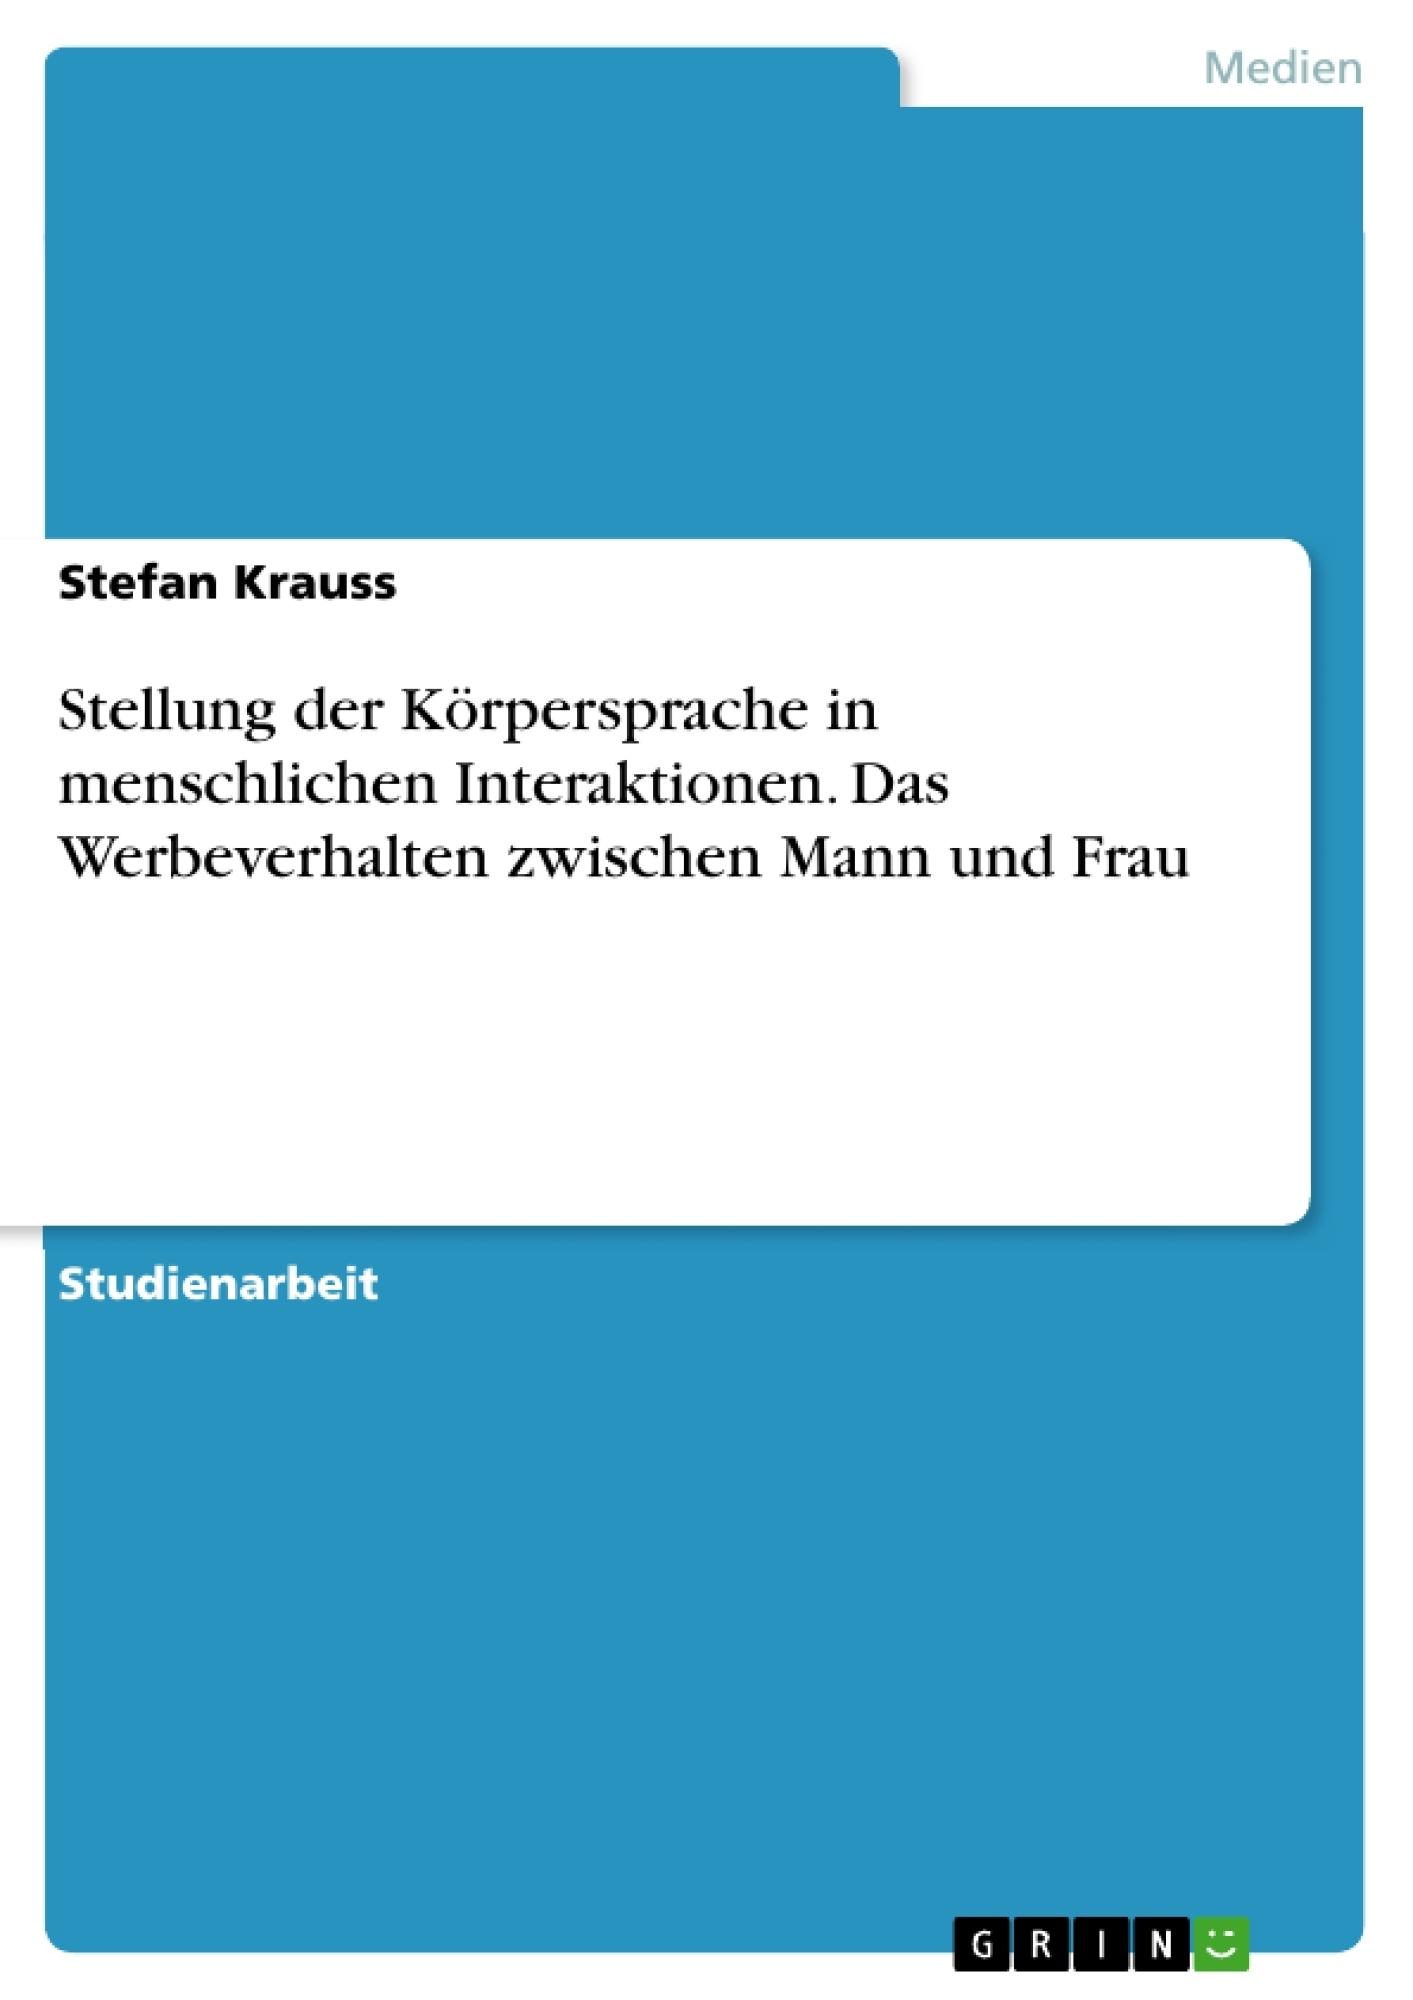 Titel: Stellung der Körpersprache in menschlichen Interaktionen. Das Werbeverhalten zwischen Mann und Frau